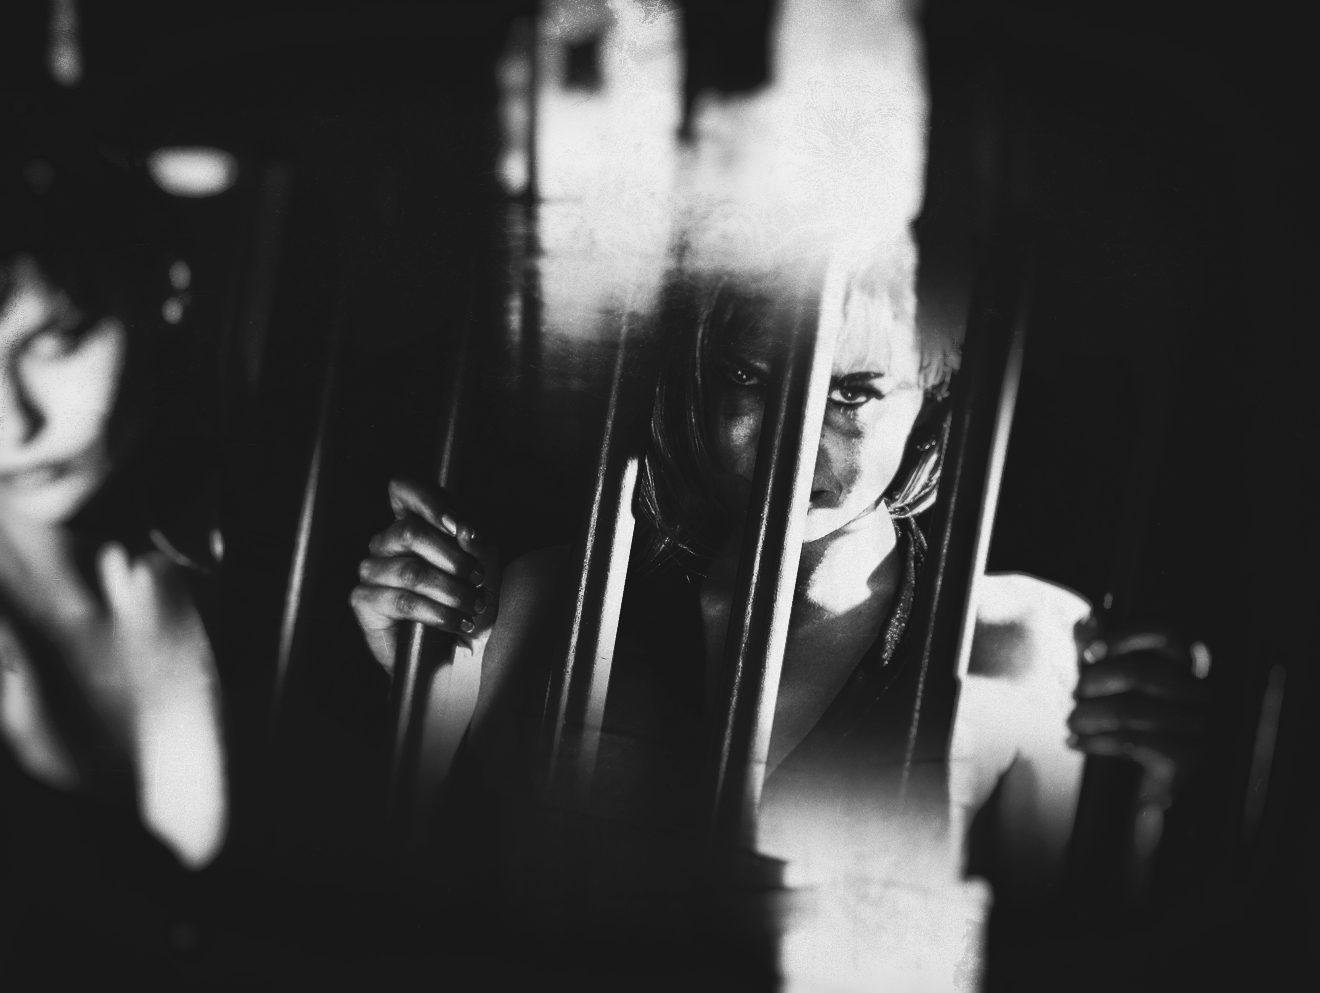 8 MARZO: SCARPE CHE PARLANO… STORIE CHE CAMMINANO